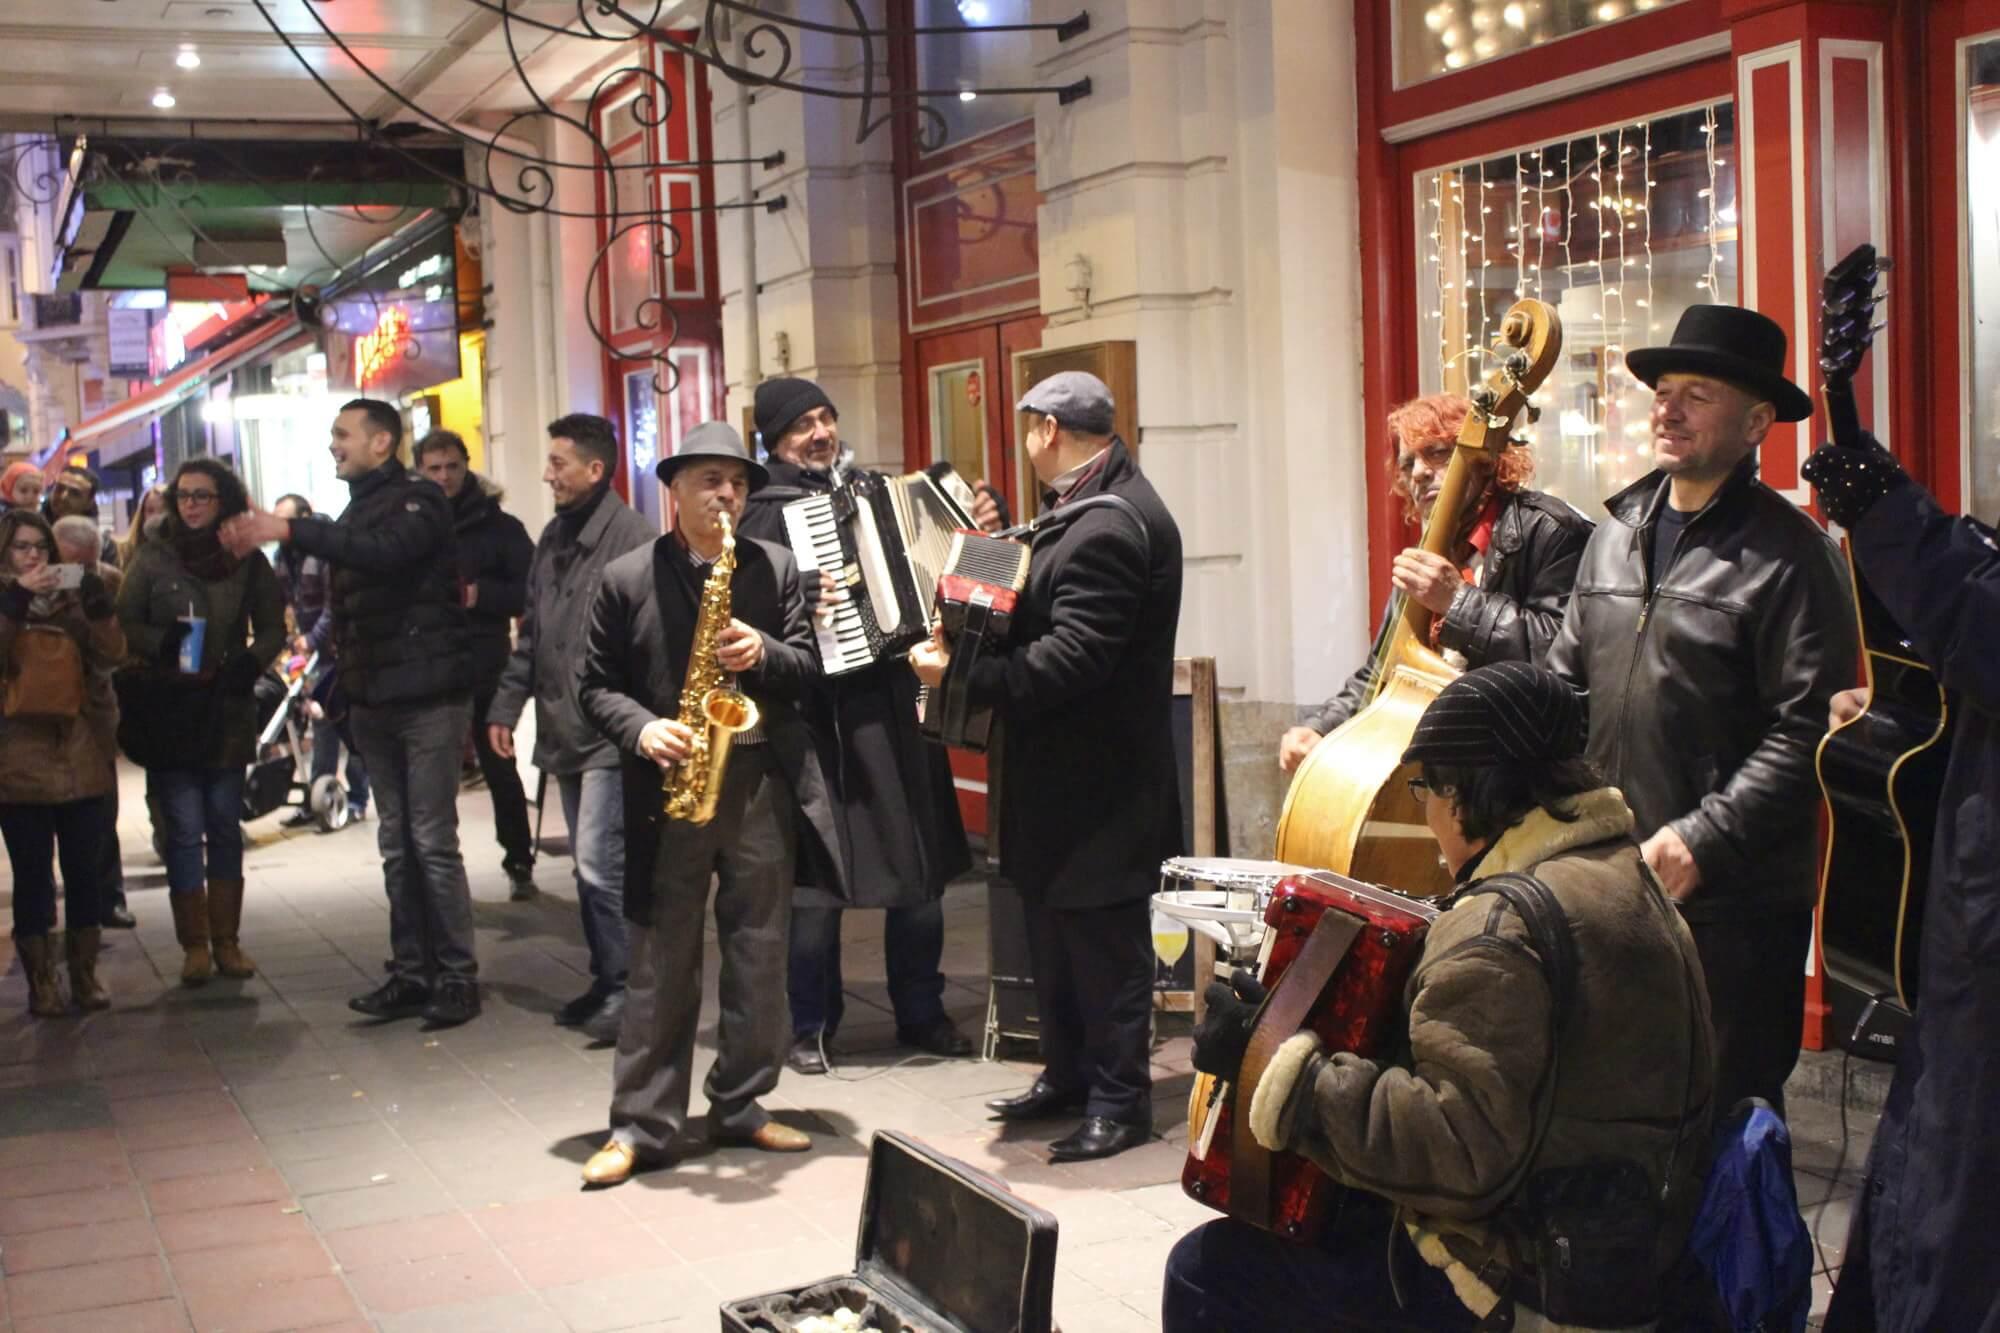 Straßenmusiker in Brüssel